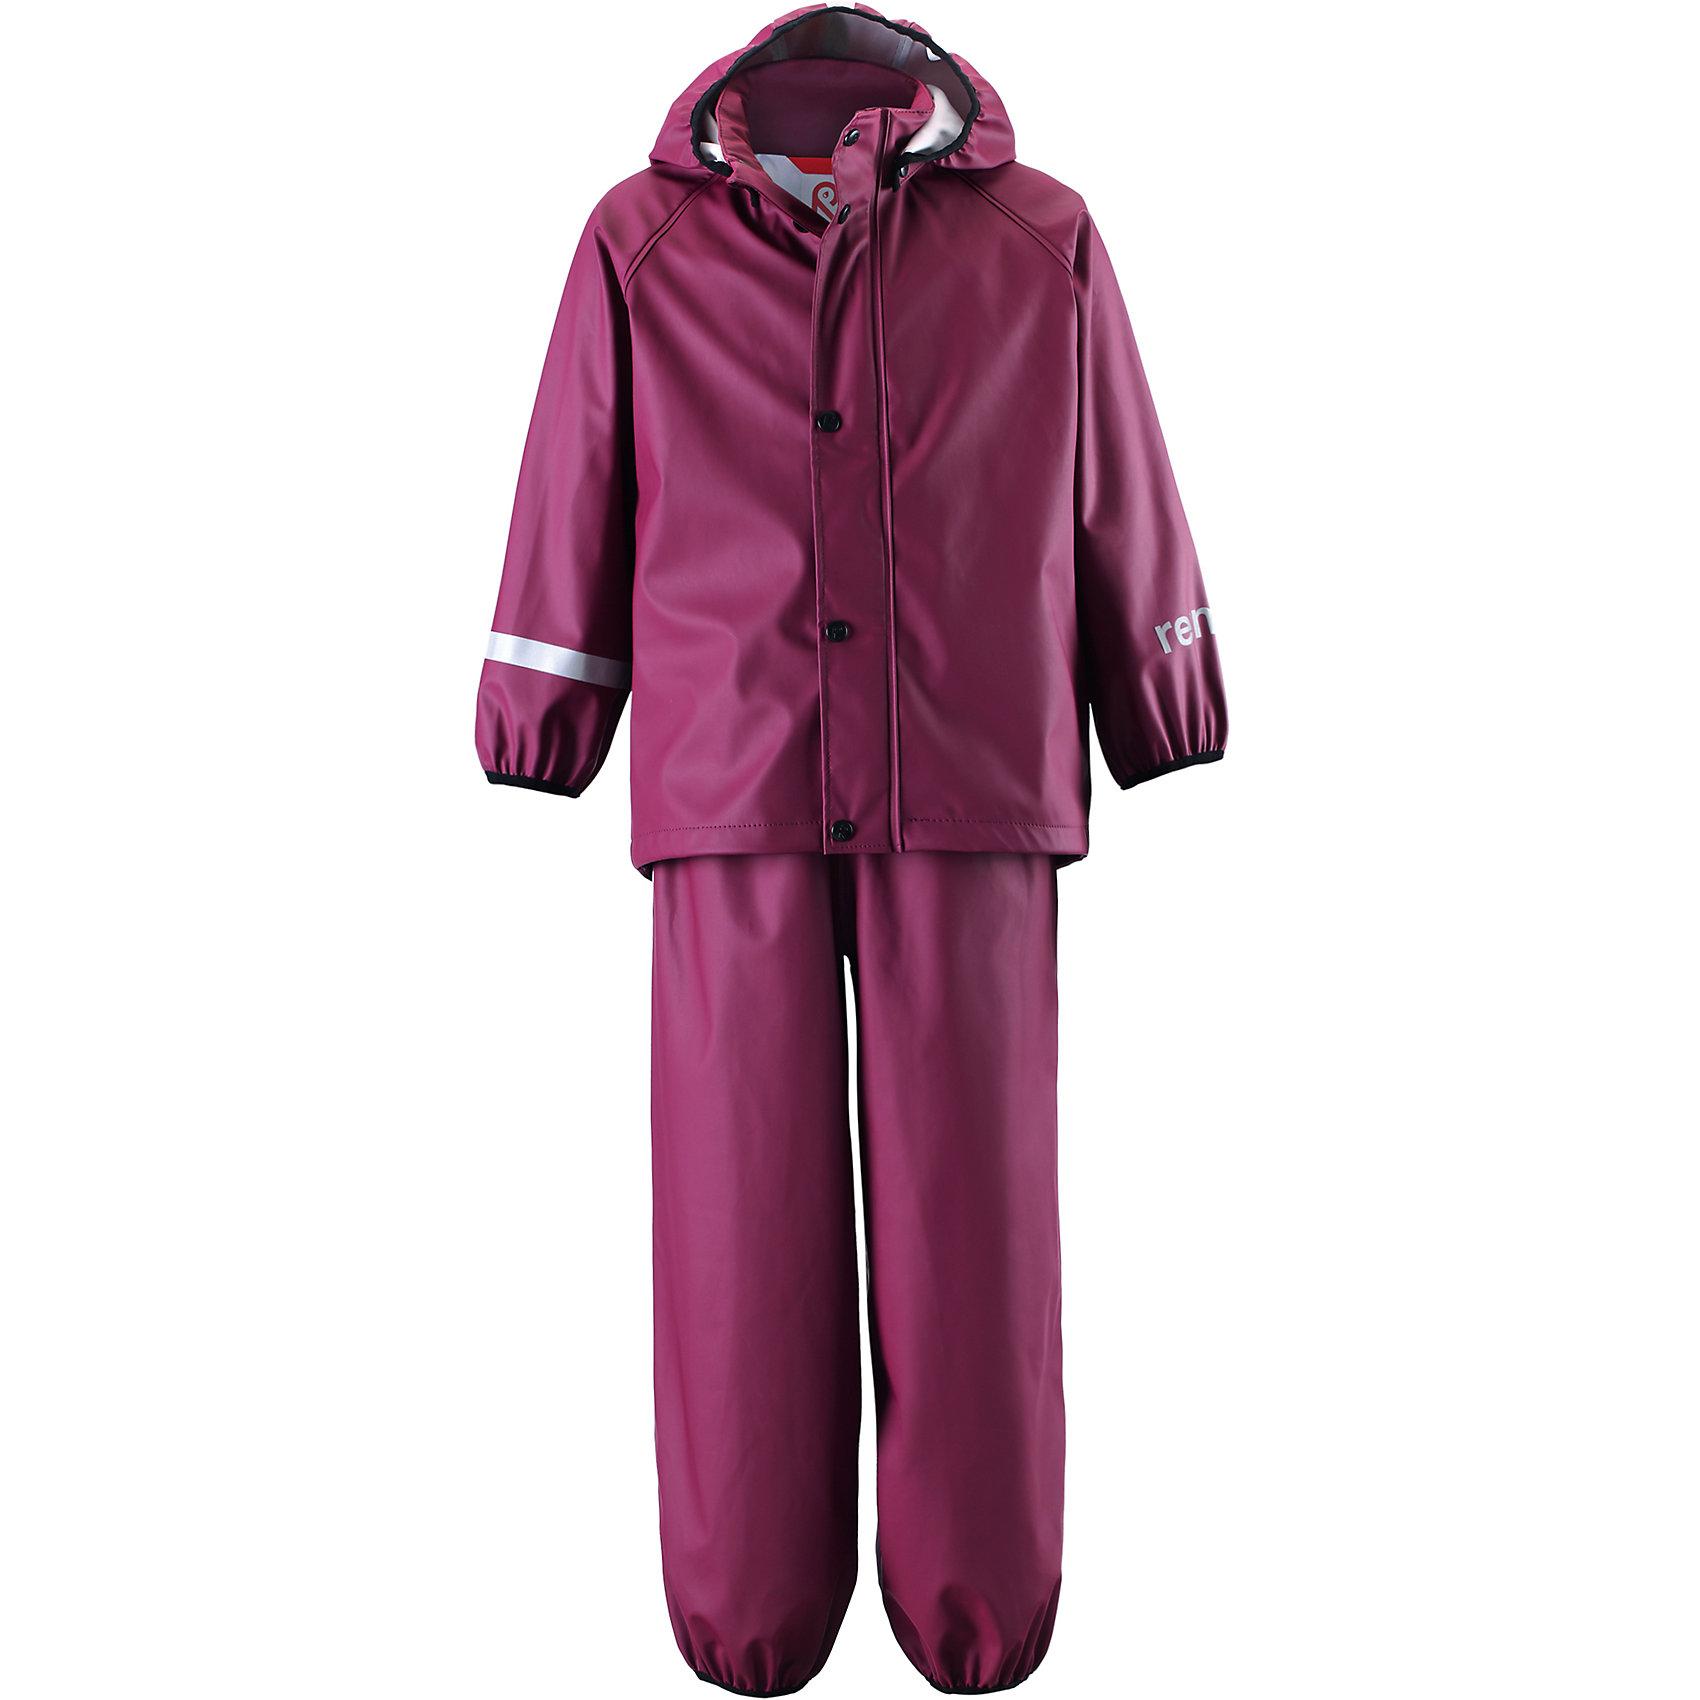 Непромокаемый комплект: куртка и брюки Viima для девочки ReimaОдежда<br>Непромокаемый комплект: куртка и брюки Reima.<br>Комплект для дождливой погоды для детей. Запаянные швы, не пропускающие влагу. Эластичный материал. Без ПХВ. Безопасный, съемный капюшон. Эластичная резинка на кромке капюшона. Эластичные манжеты. Эластичная талия. Эластичная резинка на штанинах. Съемные штрипки в размерах от 104 до 128 см. Молния спереди. Безопасные светоотражающие детали. Отличный вариант для дождливой погоды.<br>Уход:<br>Стирать по отдельности, вывернув наизнанку. Застегнуть молнии и липучки. Стирать моющим средством, не содержащим отбеливающие вещества. Полоскать без специального средства. Во избежание изменения цвета изделие необходимо вынуть из стиральной машинки незамедлительно после окончания программы стирки. Сушить при низкой температуре.<br>Состав:<br>100% Полиамид, полиуретановое покрытие<br><br>Ширина мм: 356<br>Глубина мм: 10<br>Высота мм: 245<br>Вес г: 519<br>Цвет: лиловый<br>Возраст от месяцев: 72<br>Возраст до месяцев: 84<br>Пол: Женский<br>Возраст: Детский<br>Размер: 122,140,128,134,116<br>SKU: 4778127